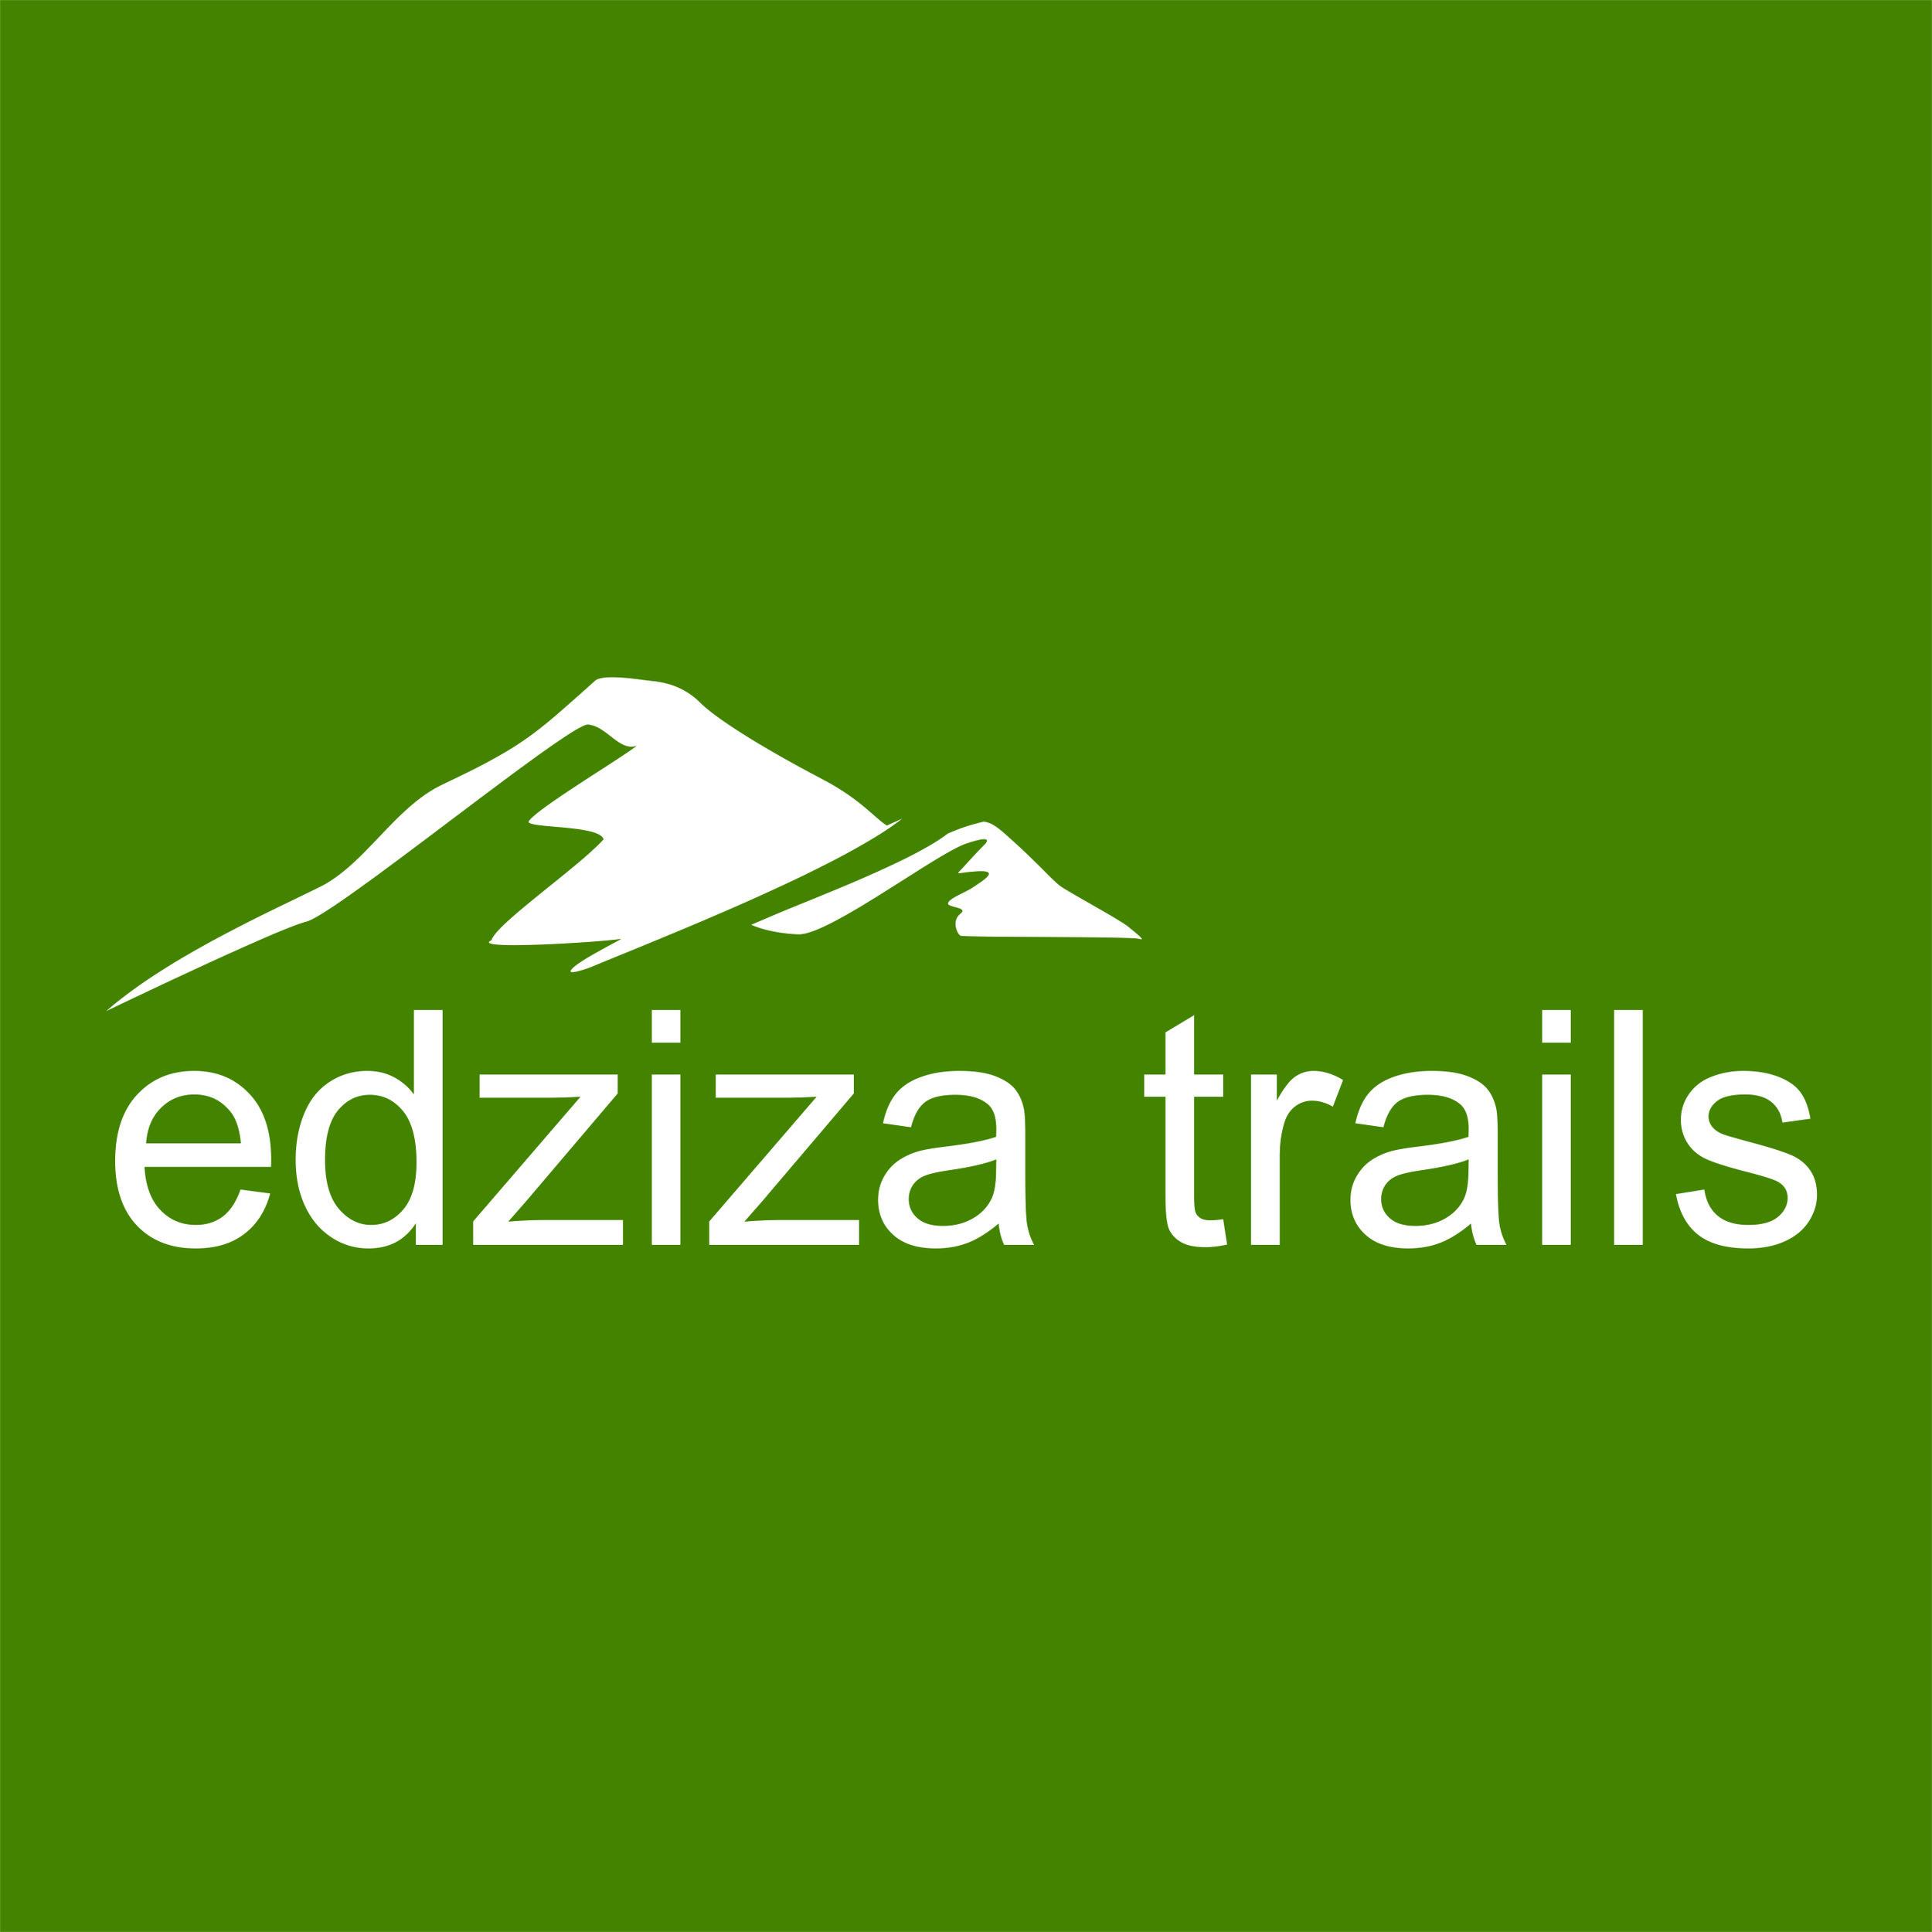 curtis cuddy edziza trails.jpg